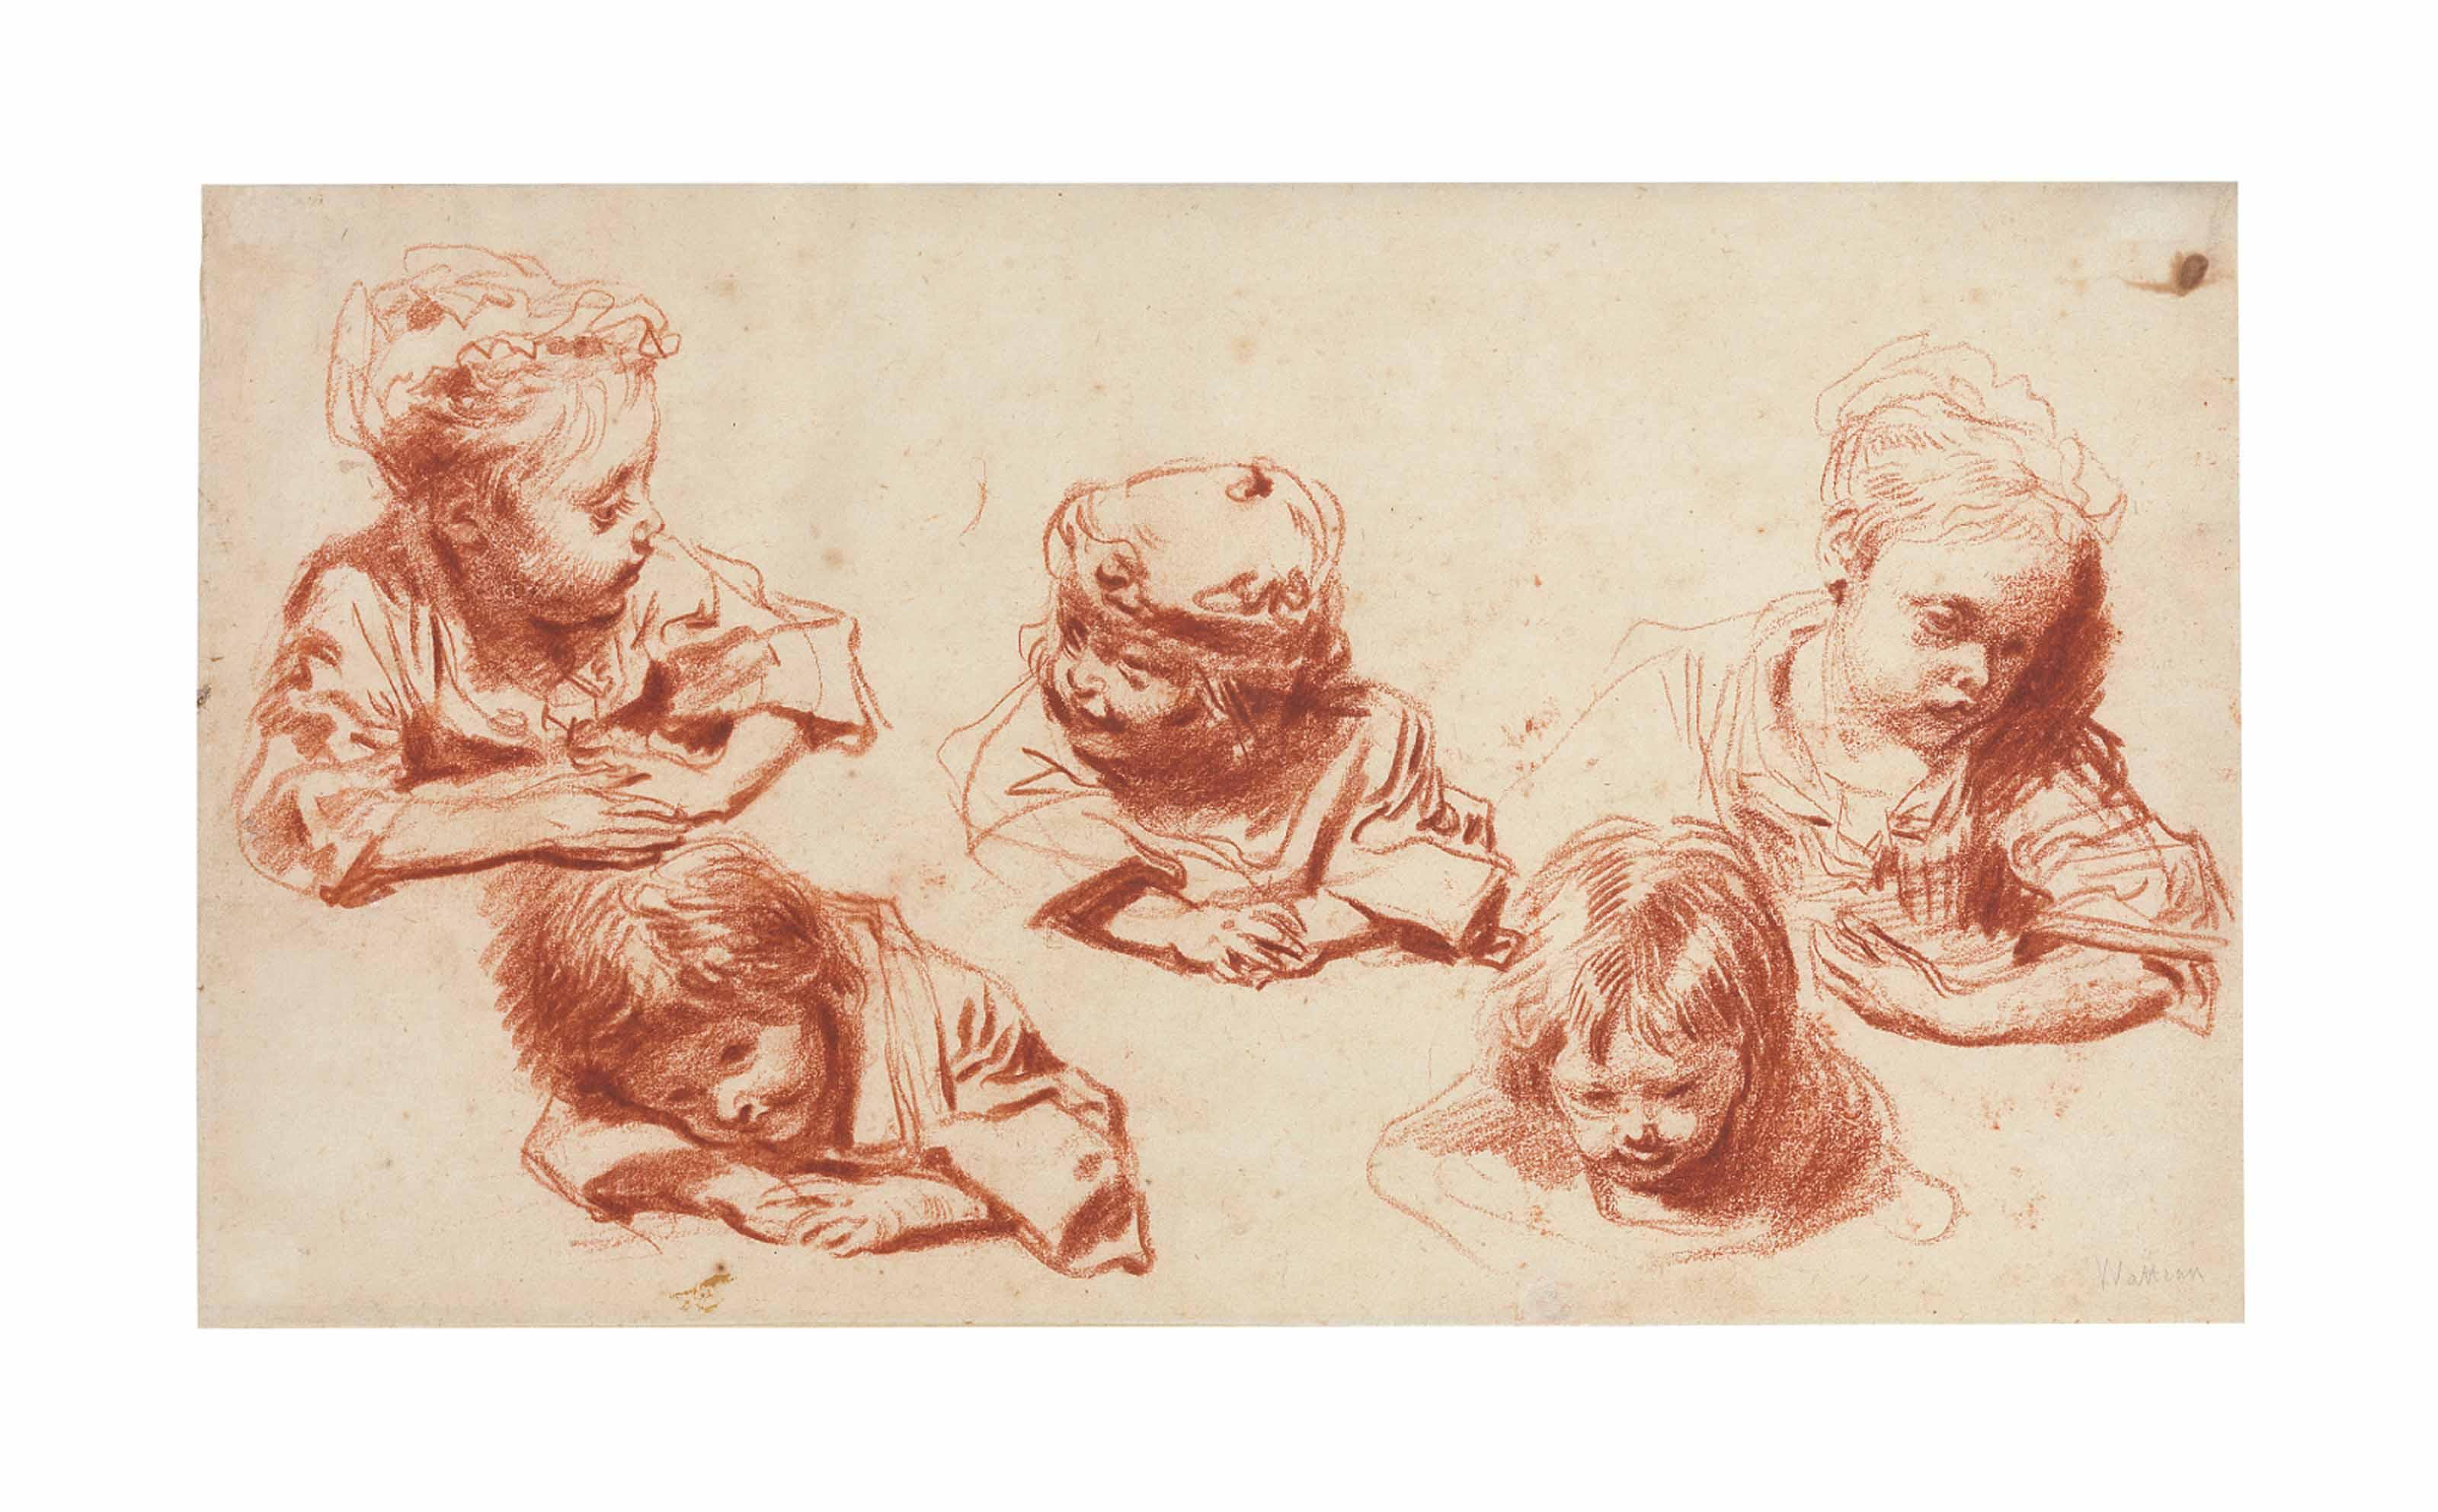 Five studies of children